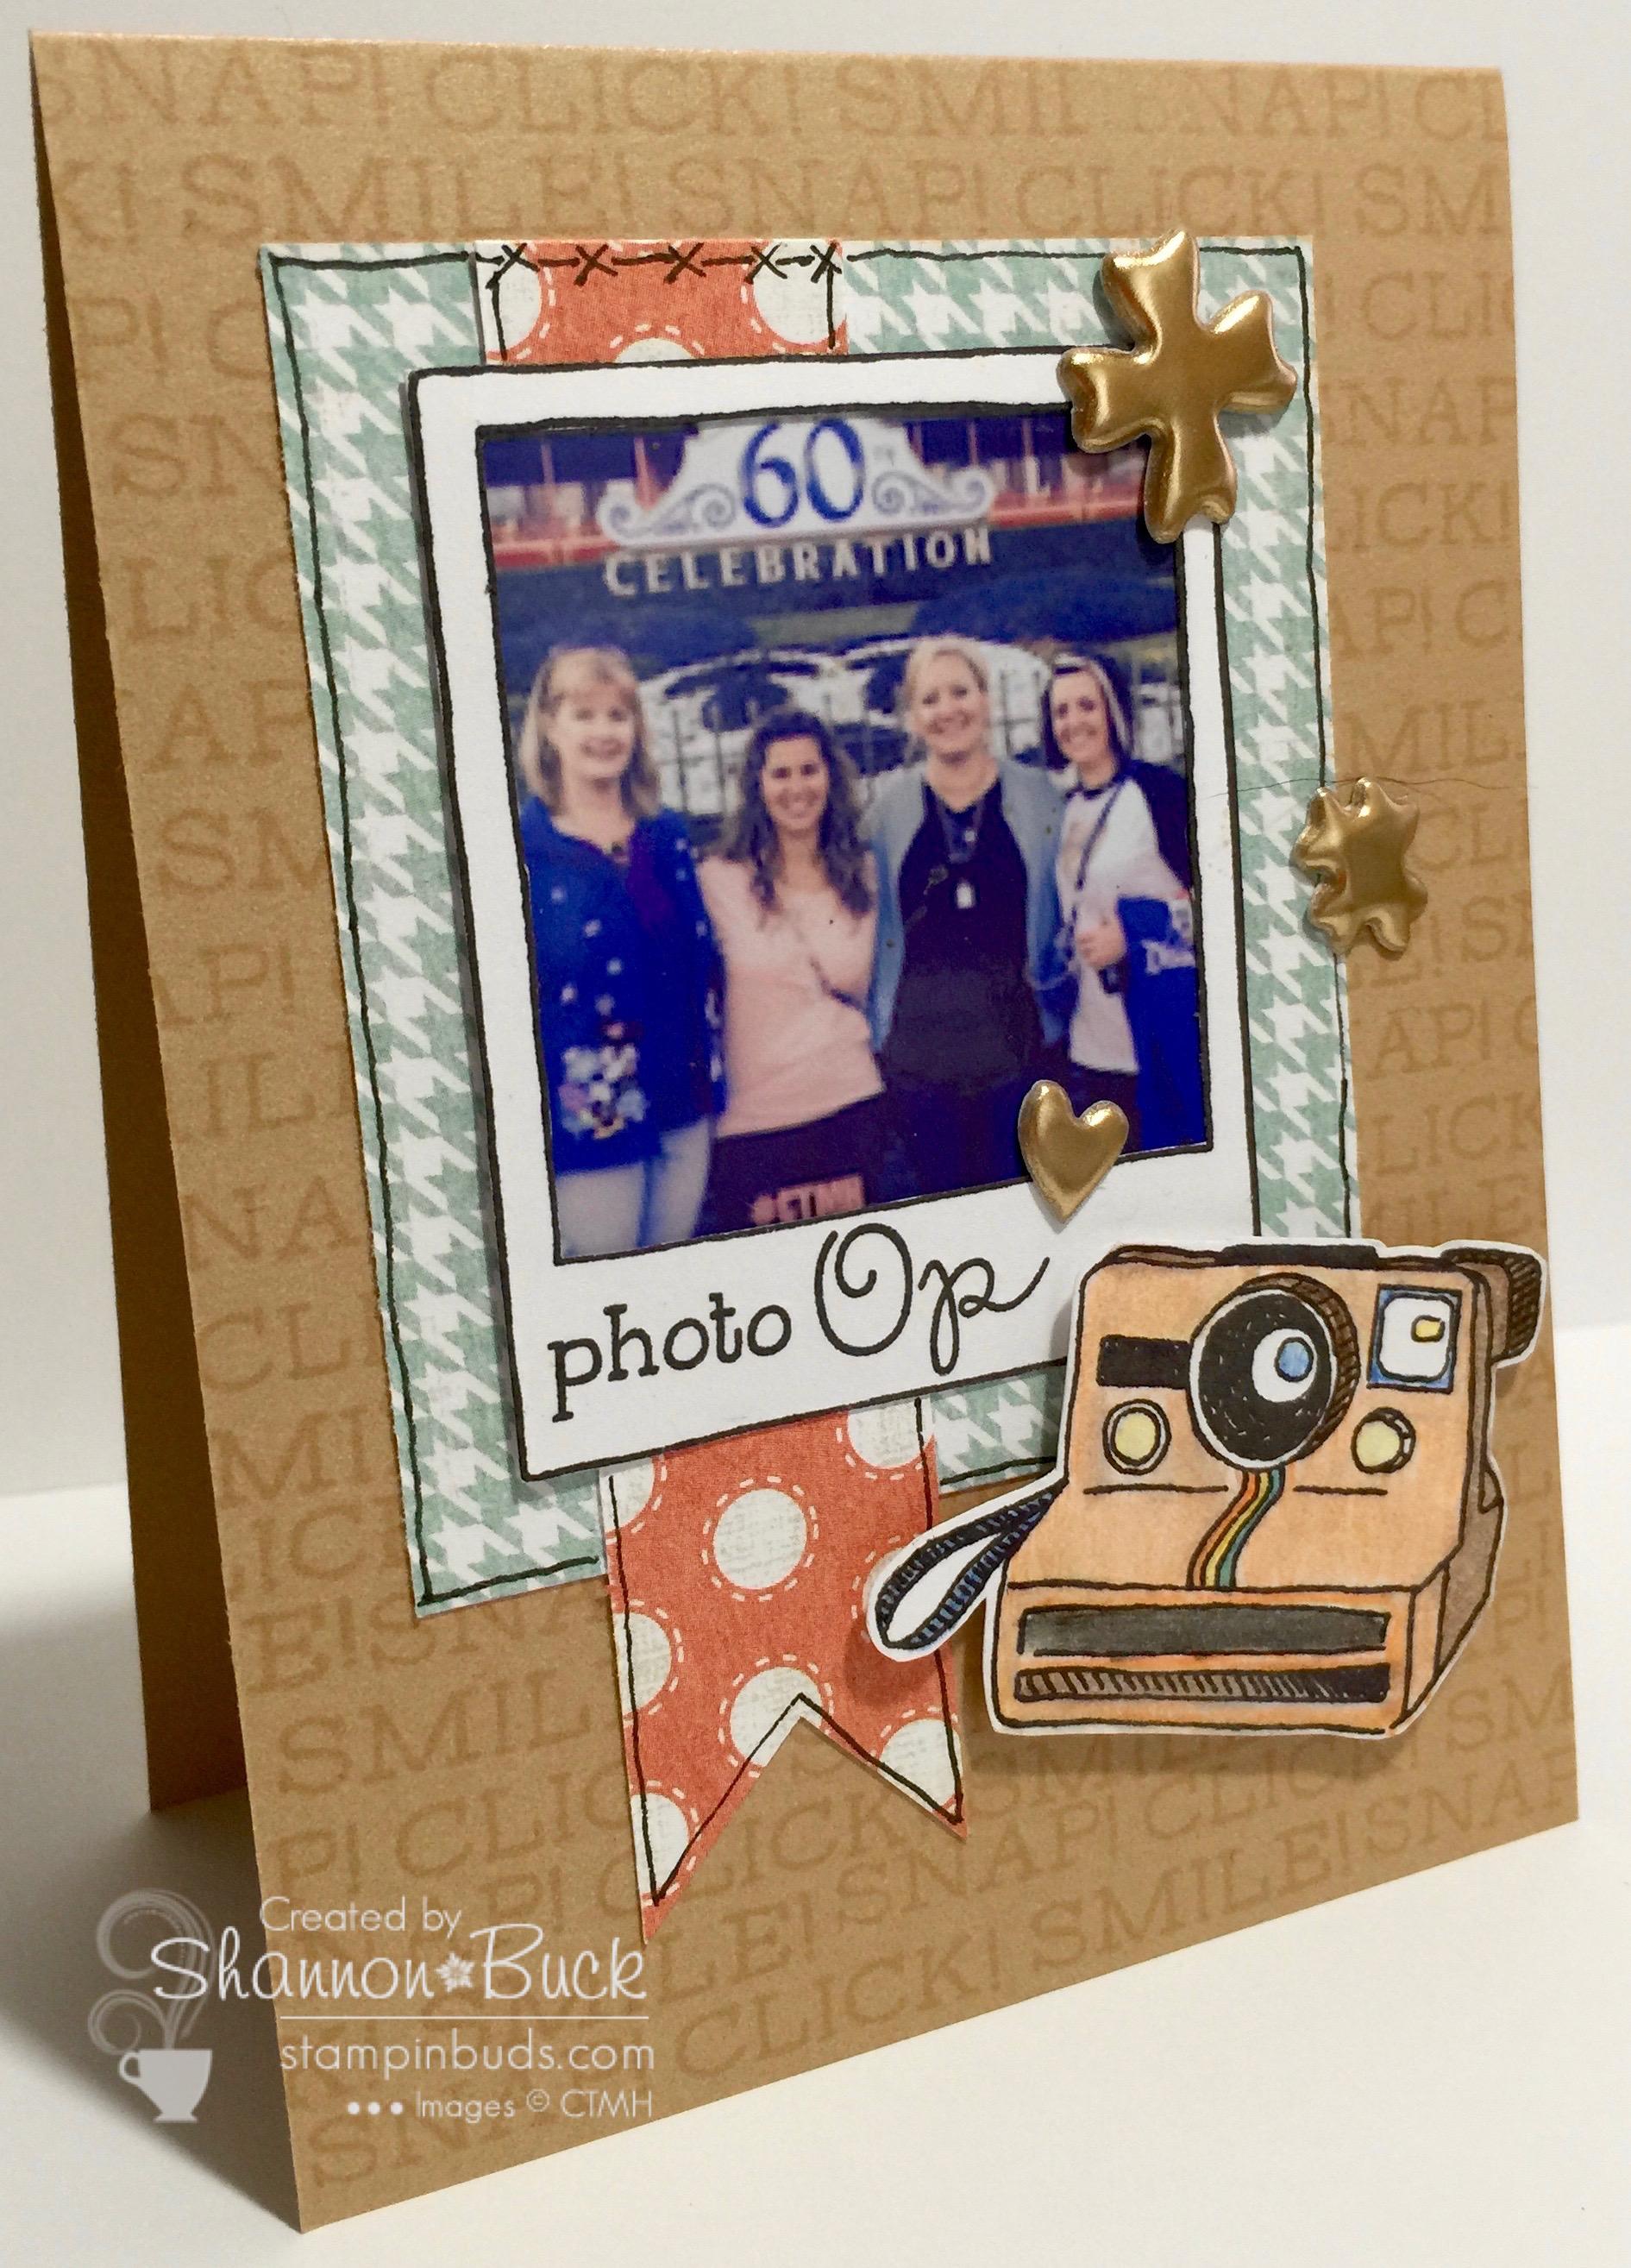 Photo Op Keepsake Card